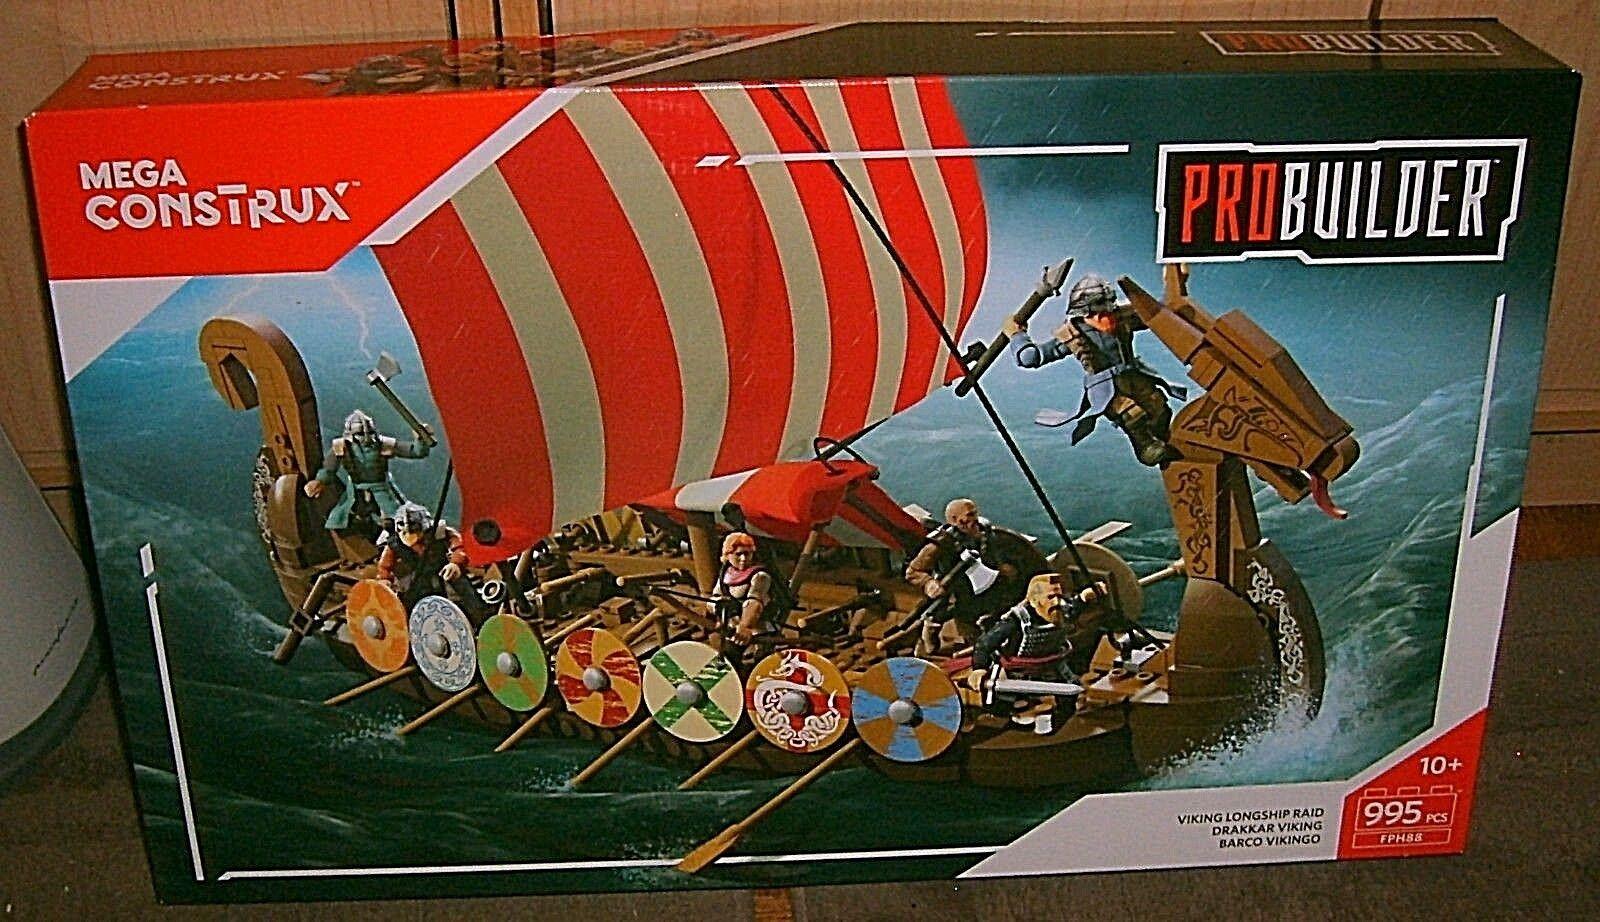 Mega Mega Mega Construx Probuilder Viking Longship Raid 995pcs NIB 621199